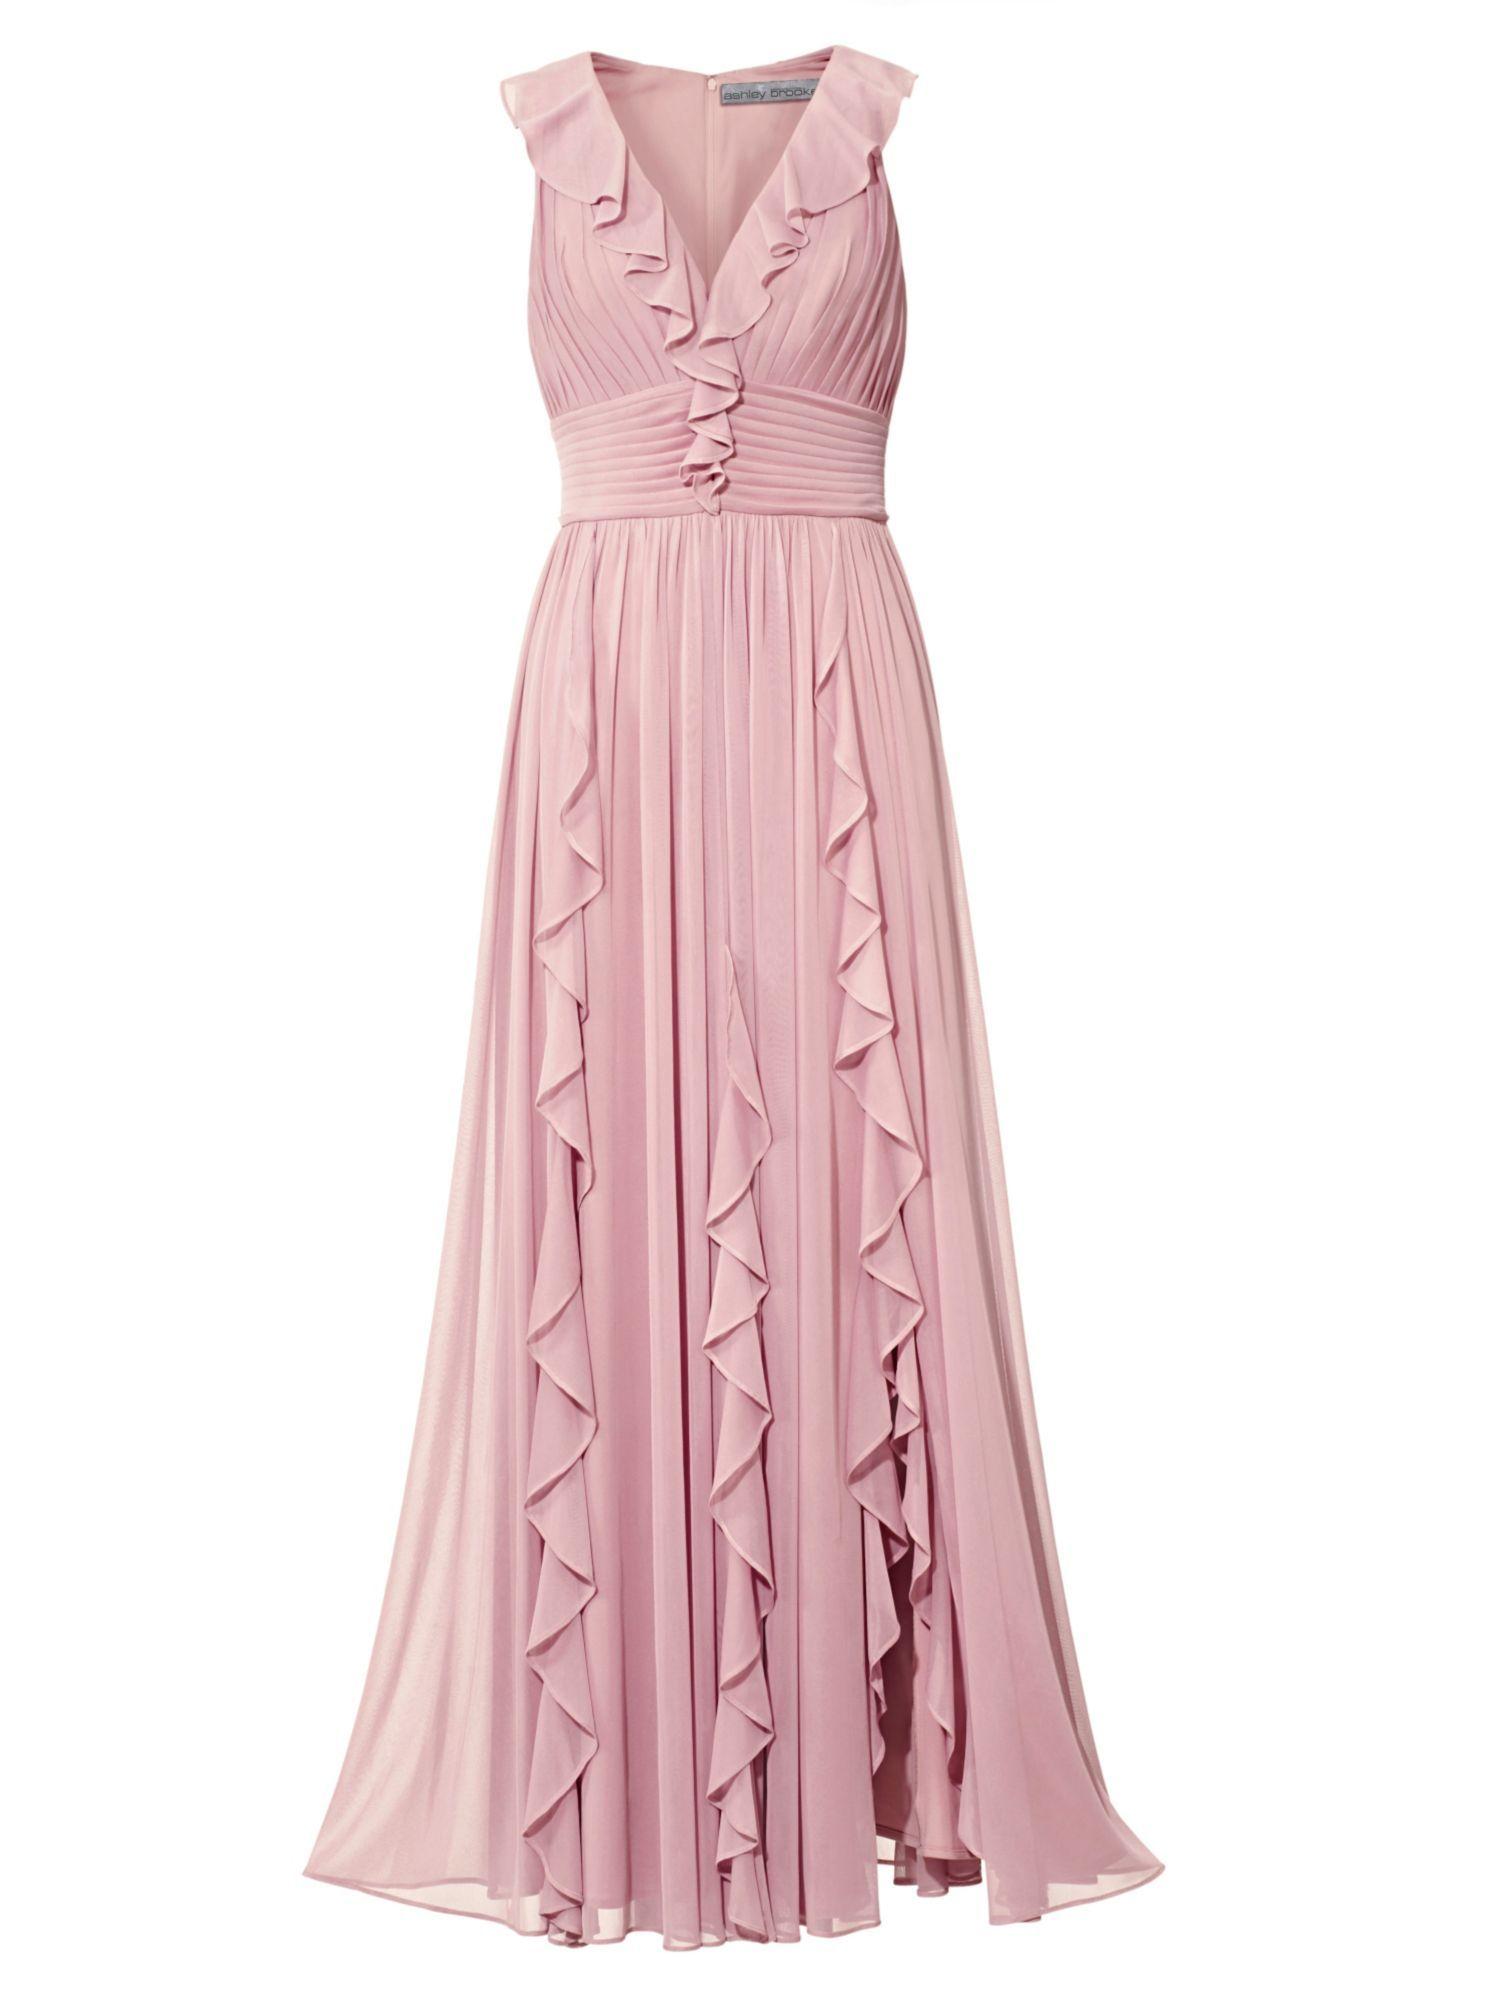 TIMELESS Abendkleid mit Volants   Abendkleid, Kleider ...